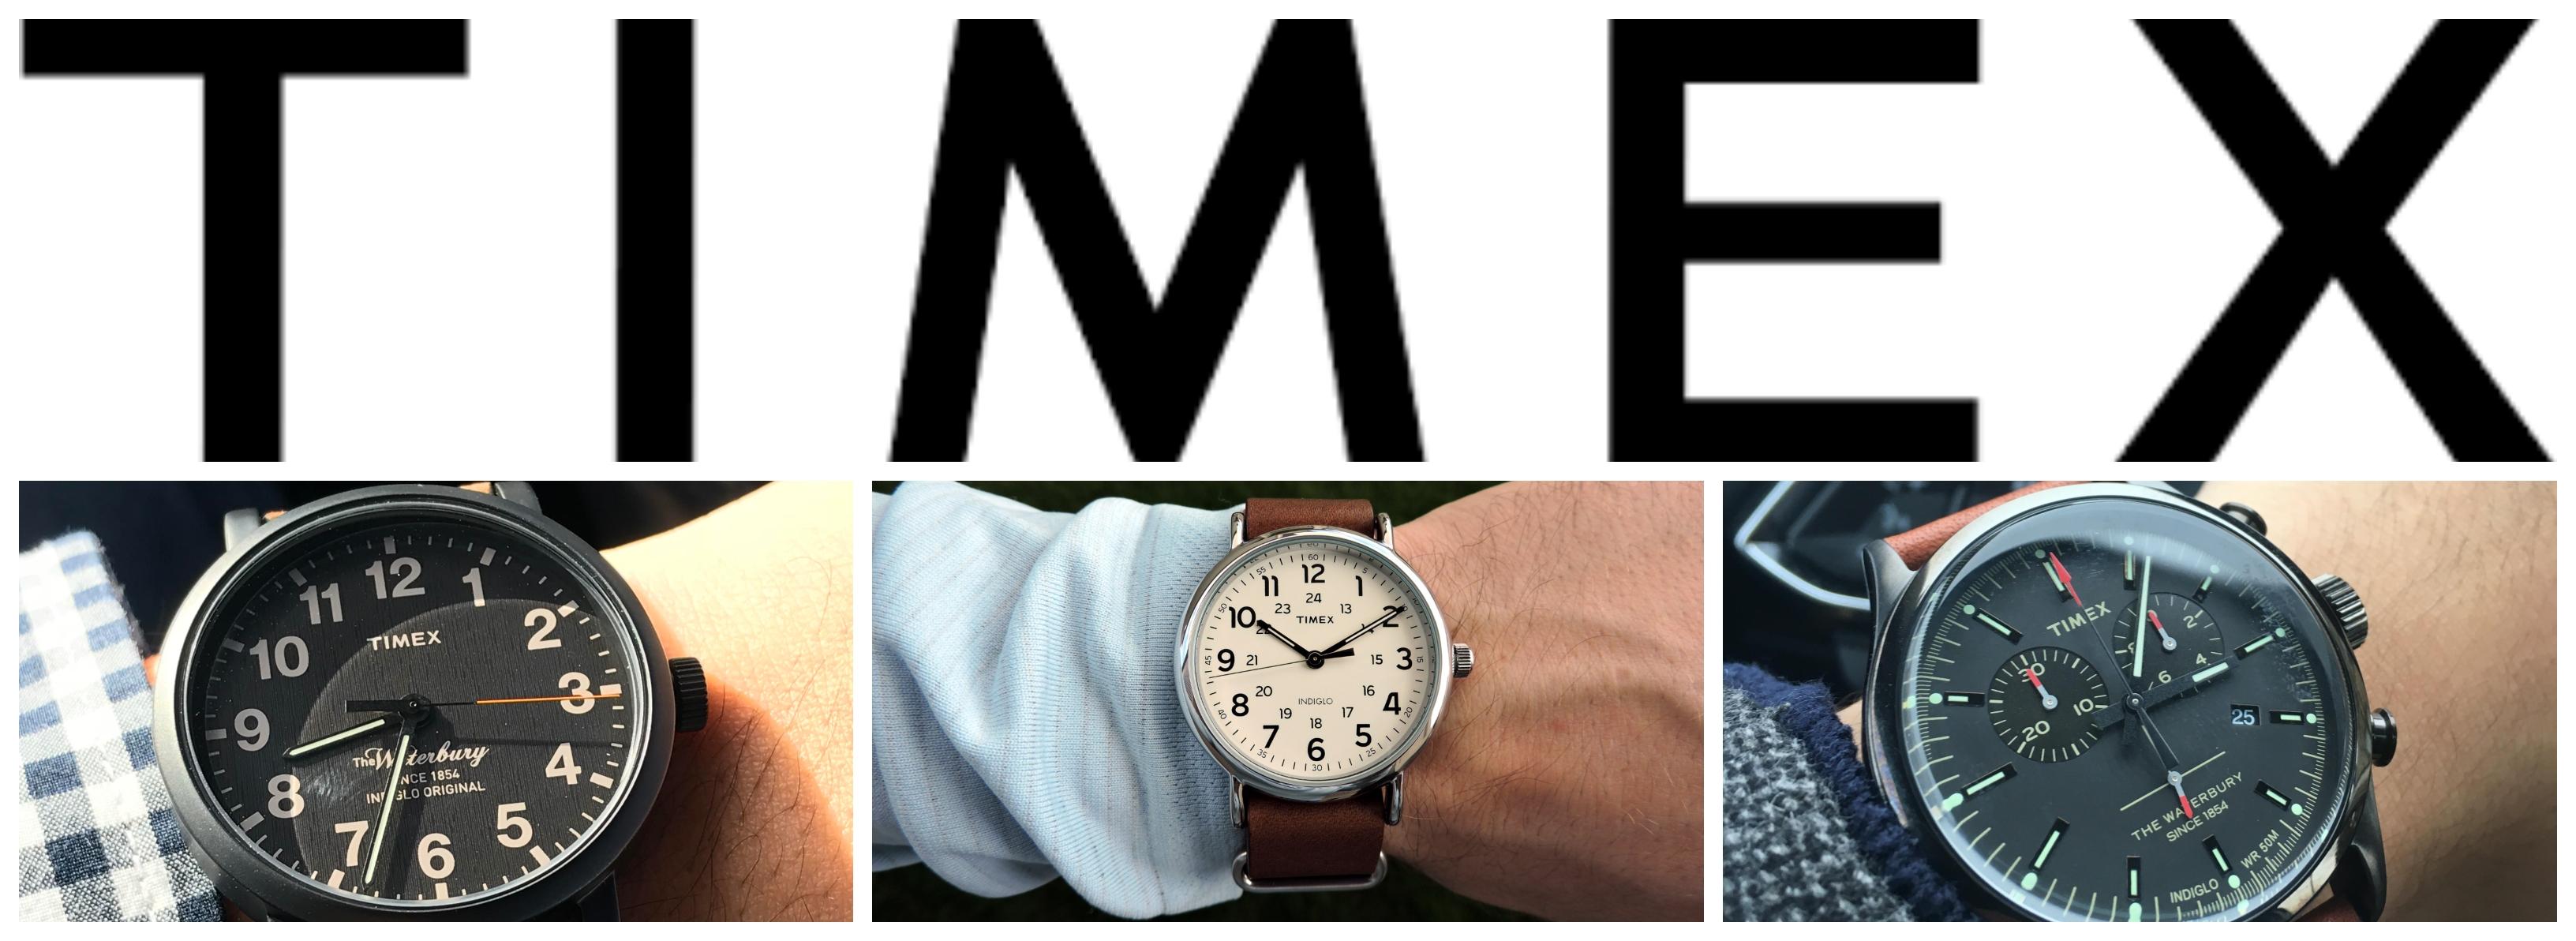 6174ebff212 Timex | Køb dit nye Timex ur til faste lave priser [Kun 1 dags levering]